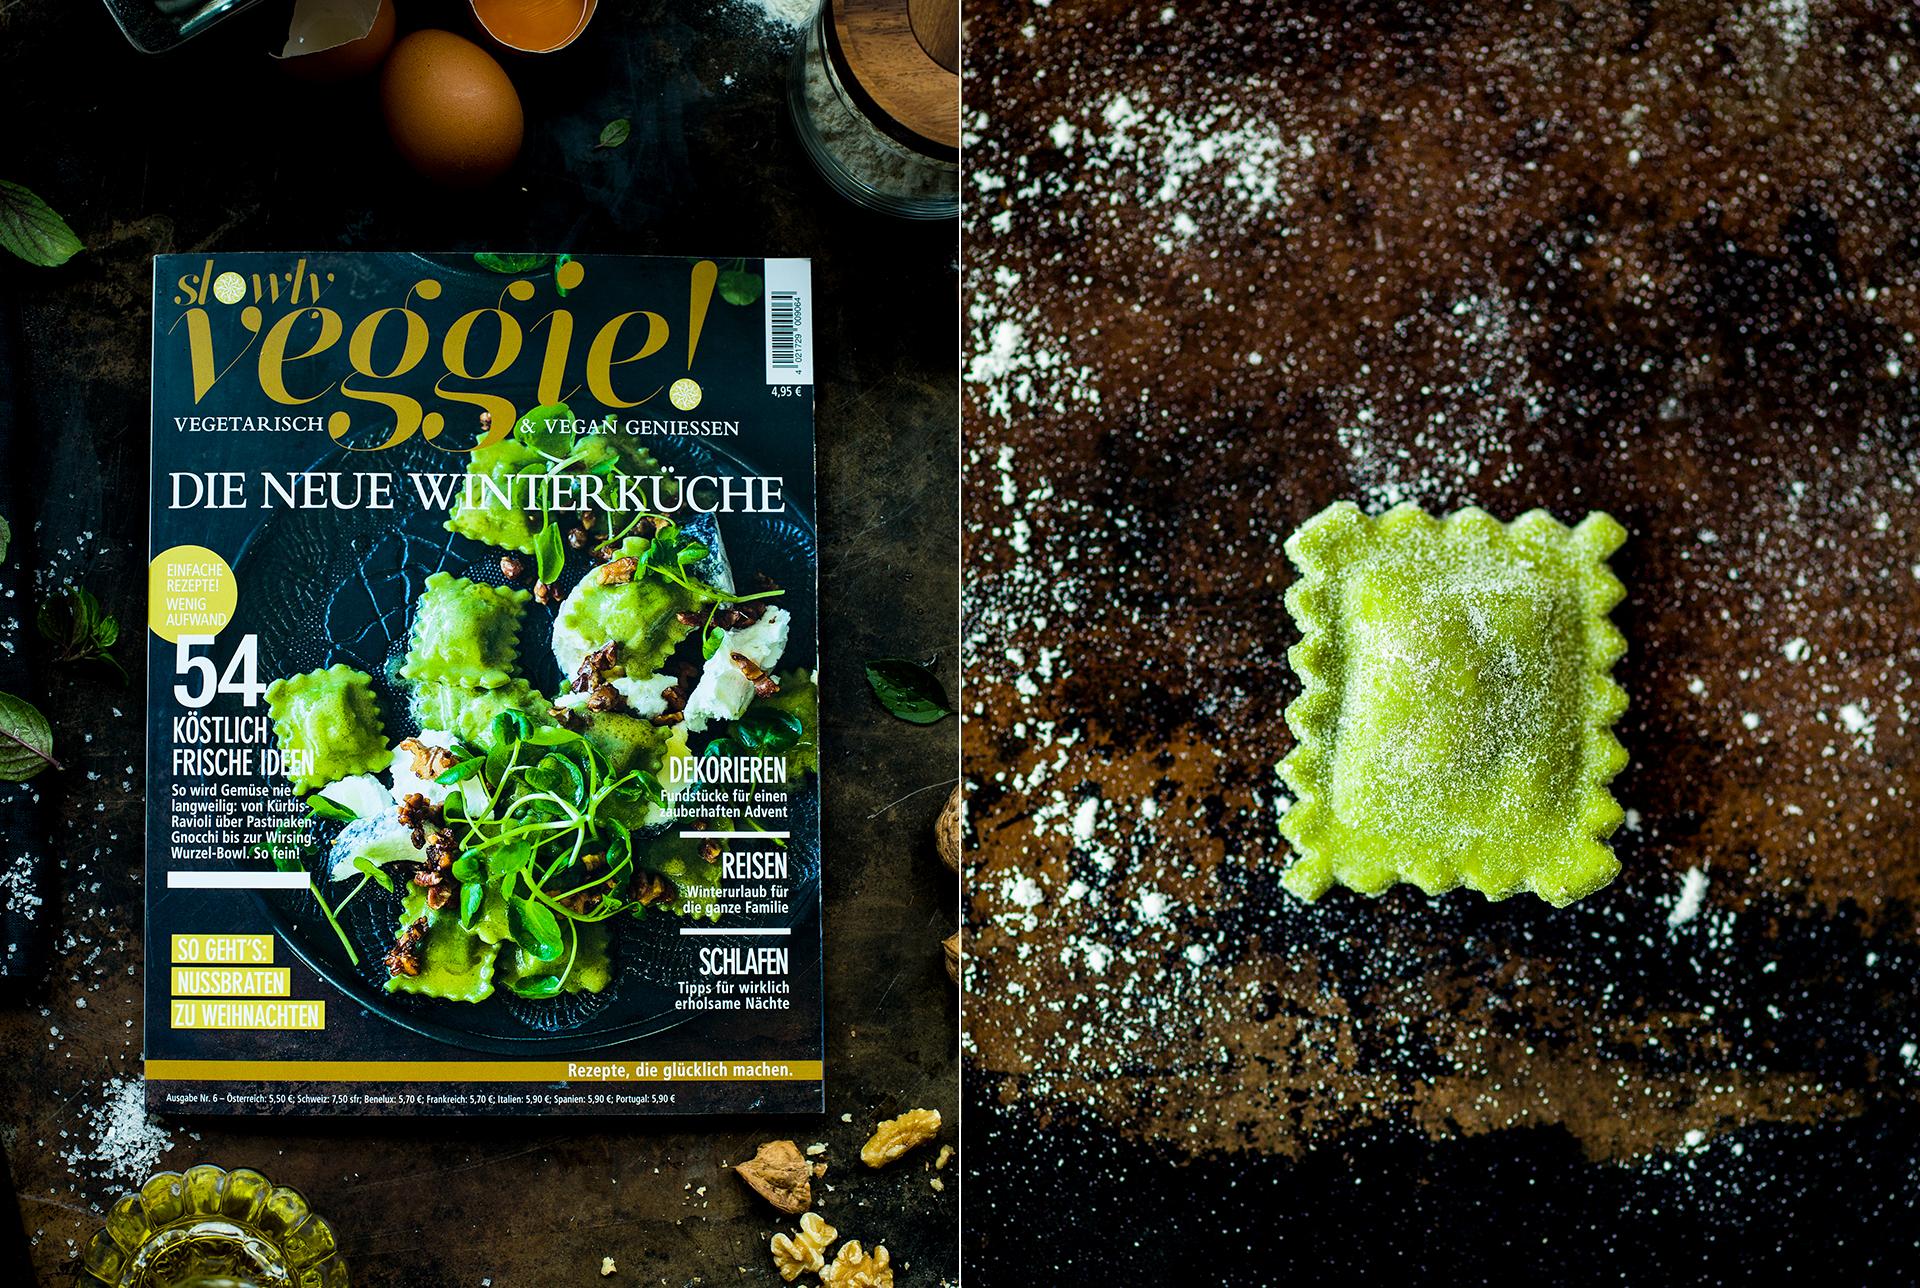 Slowly Veggie Ausgabe 06/2018 gefuellte Ravioli mit Brunnenkresse, Walnuesse und Ziegenkaese mit Asche fotografiert von Foodfotografie Katrin Winner